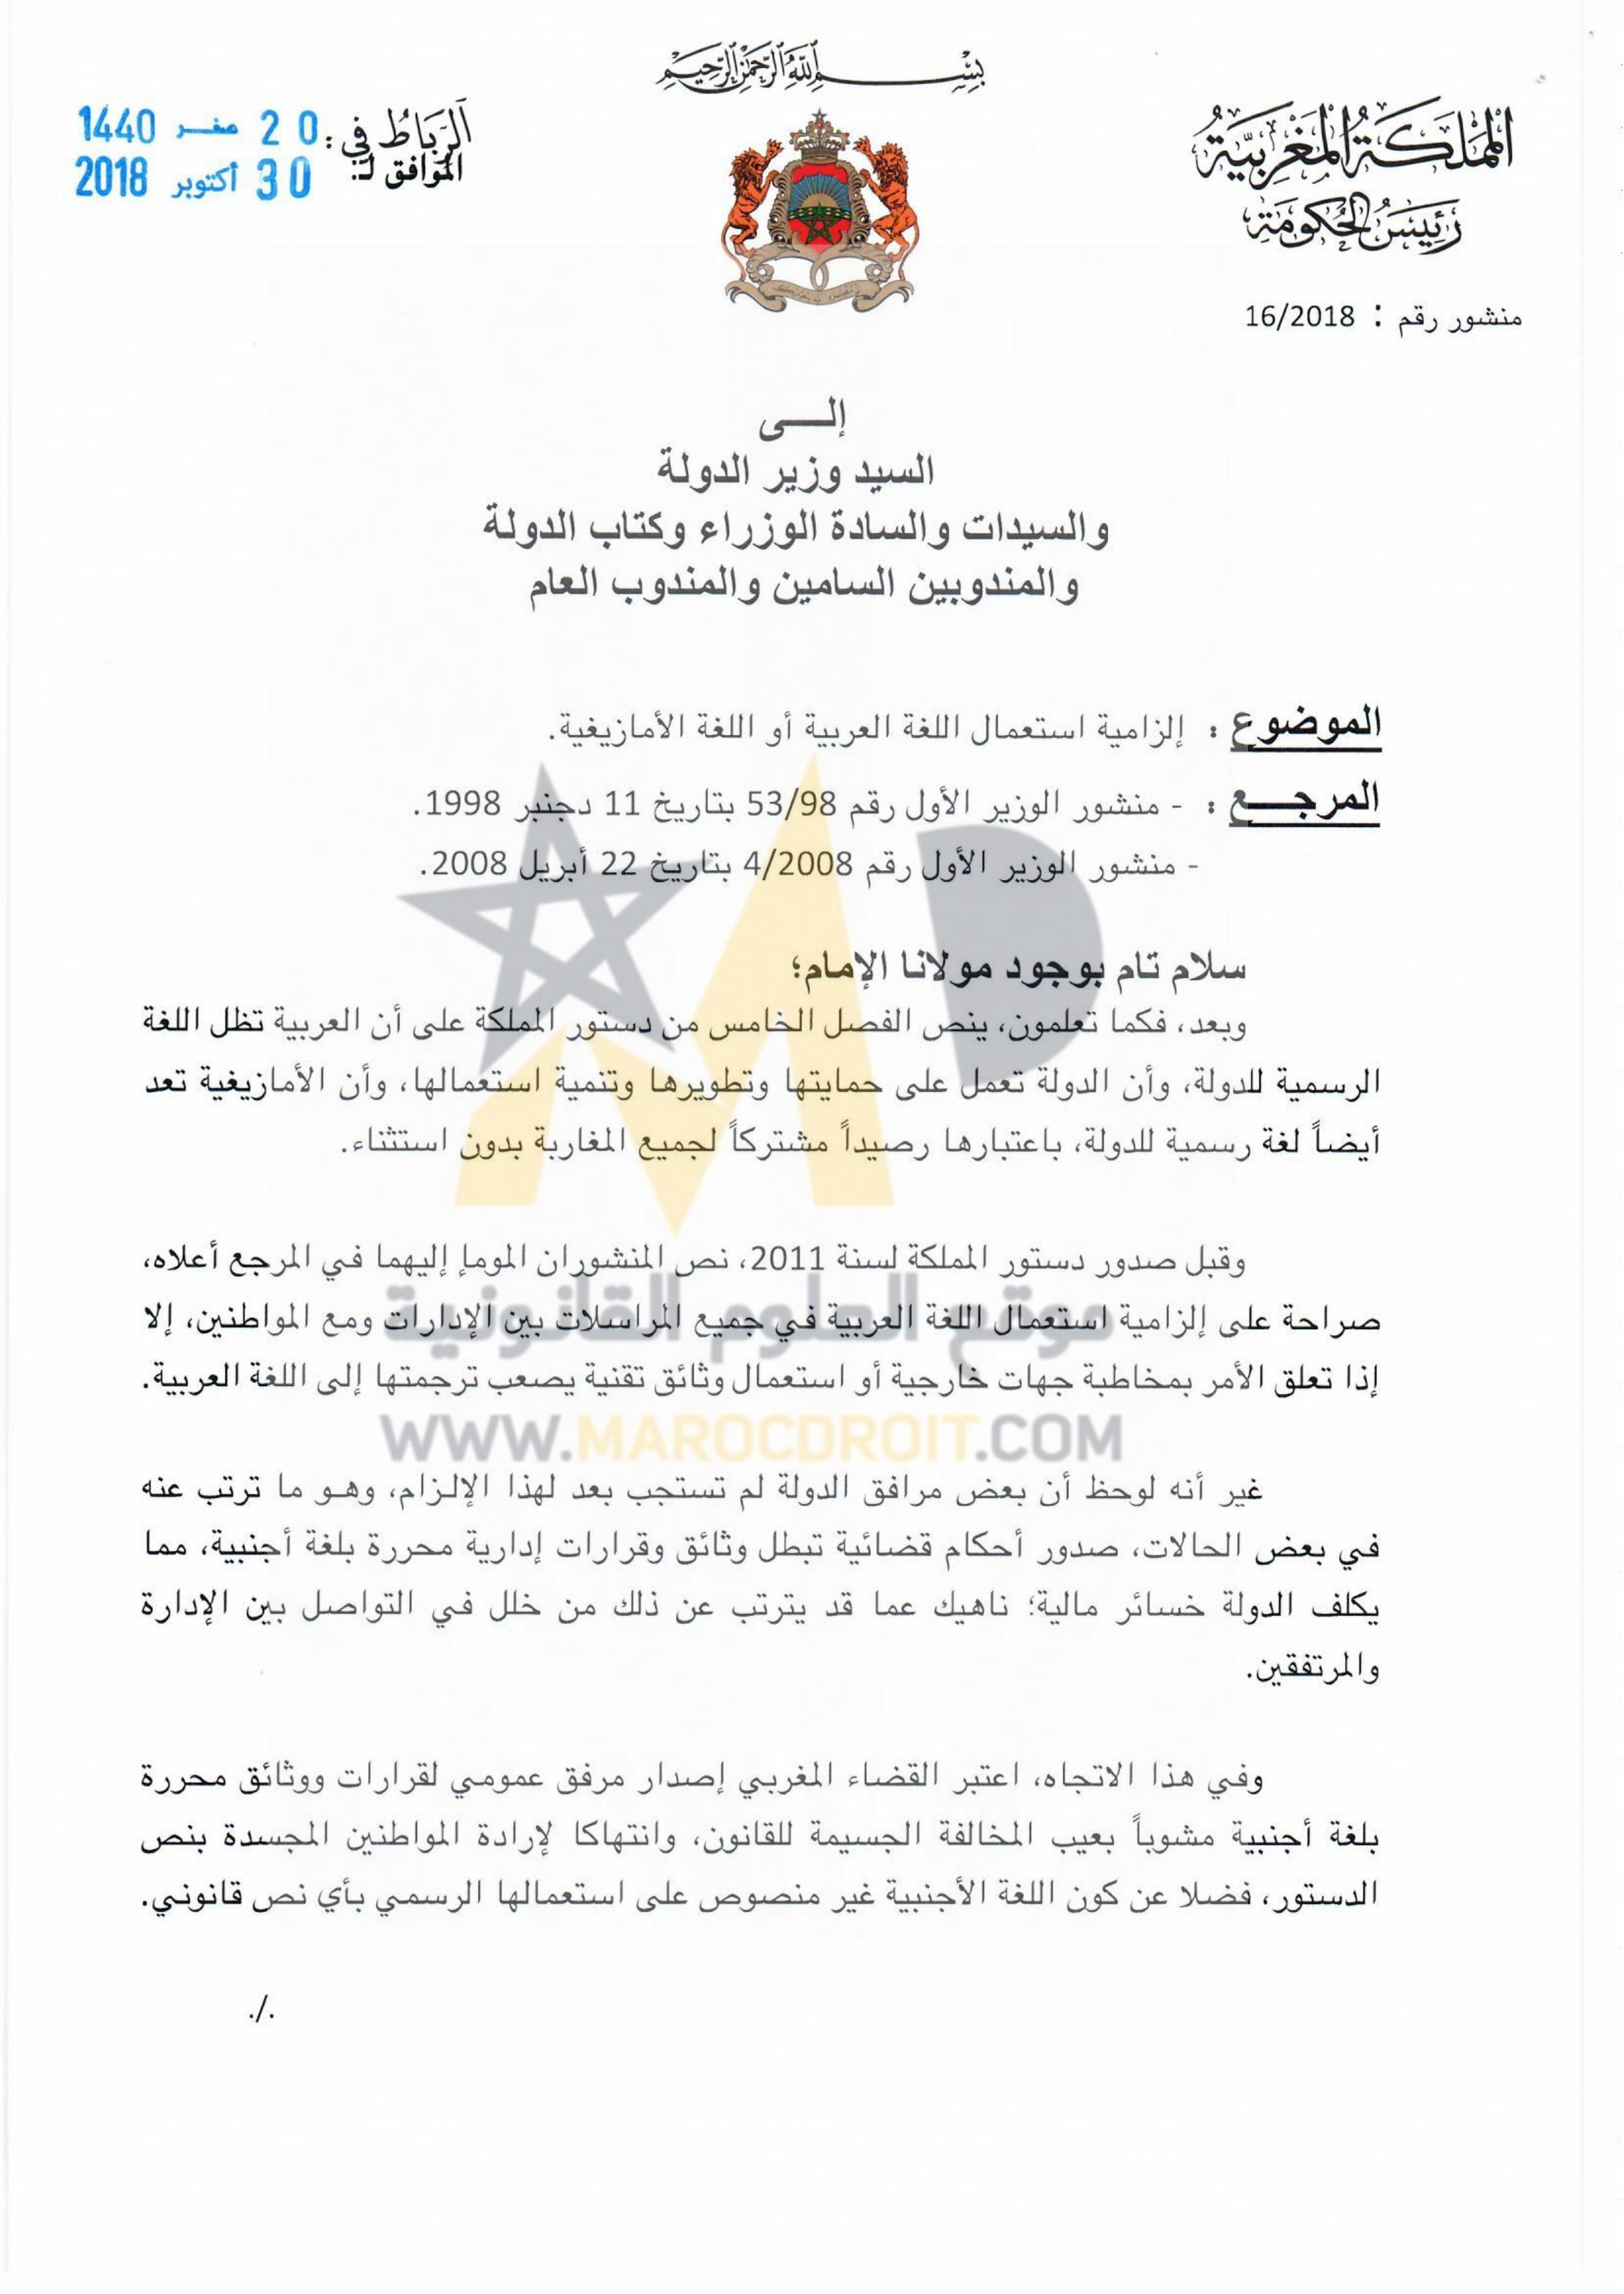 منشور رئيس الحكومة رقم 16/2018 حول إلزامية استعمال اللغة العربية أو اللغة الأمازيغية